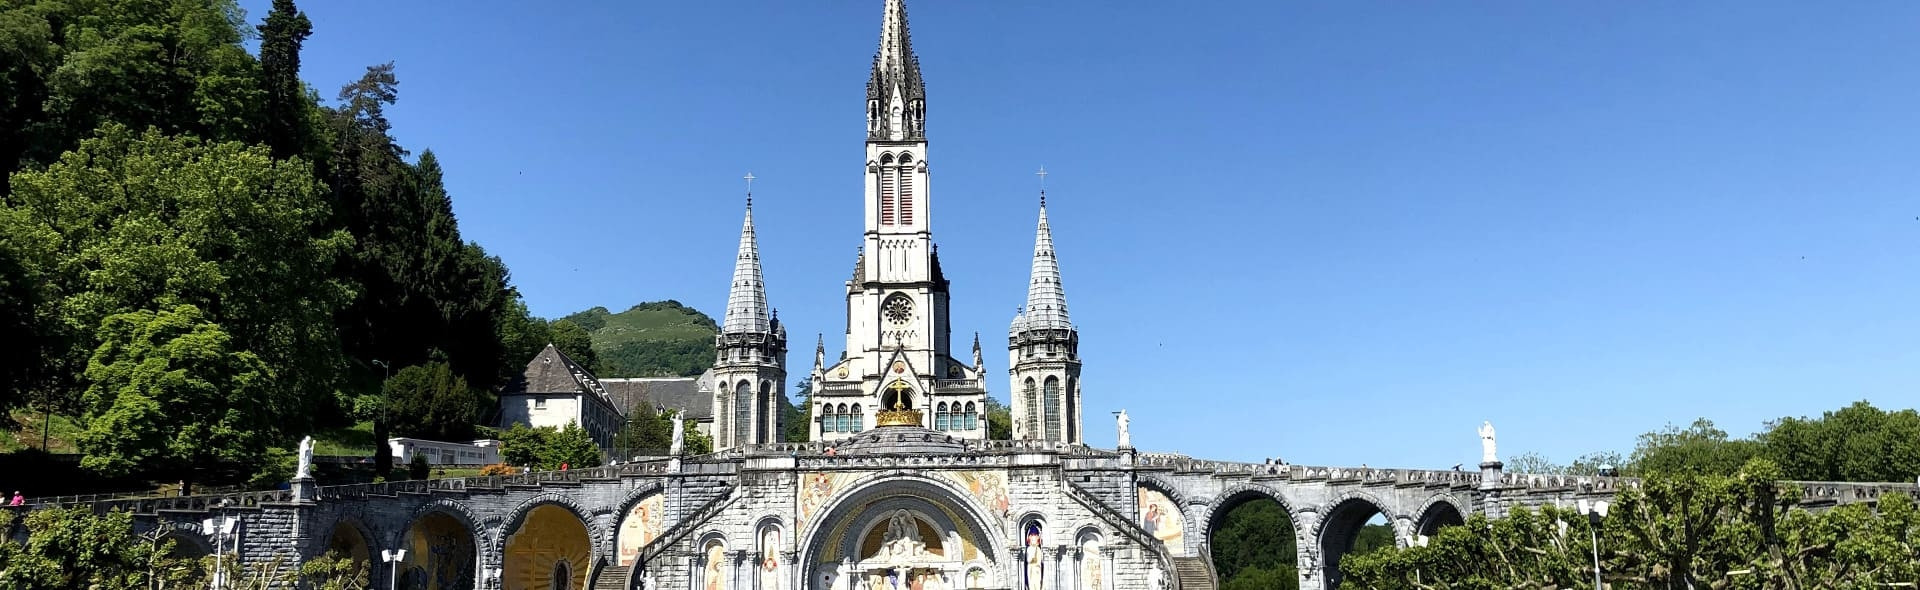 Viaggio a Lourdes in Aereo da Napoli 11 Febbraio